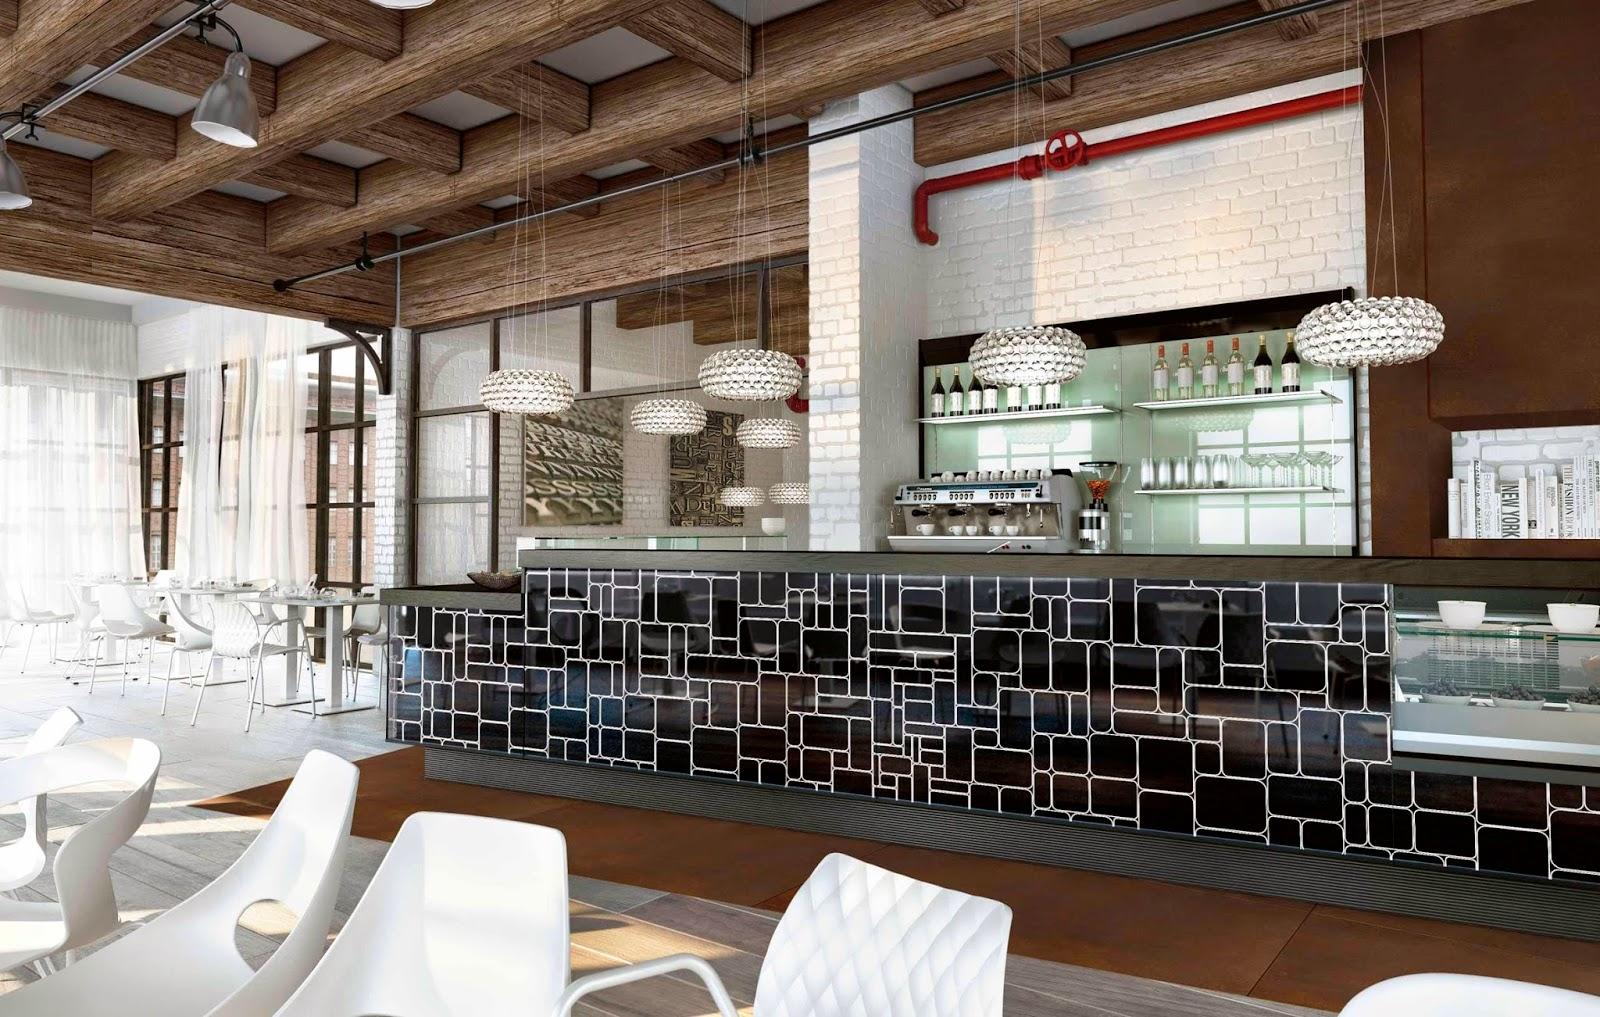 Illuminazione Tavoli Ristorante : Banco bar con illuminazione a led rgb degart arredamento